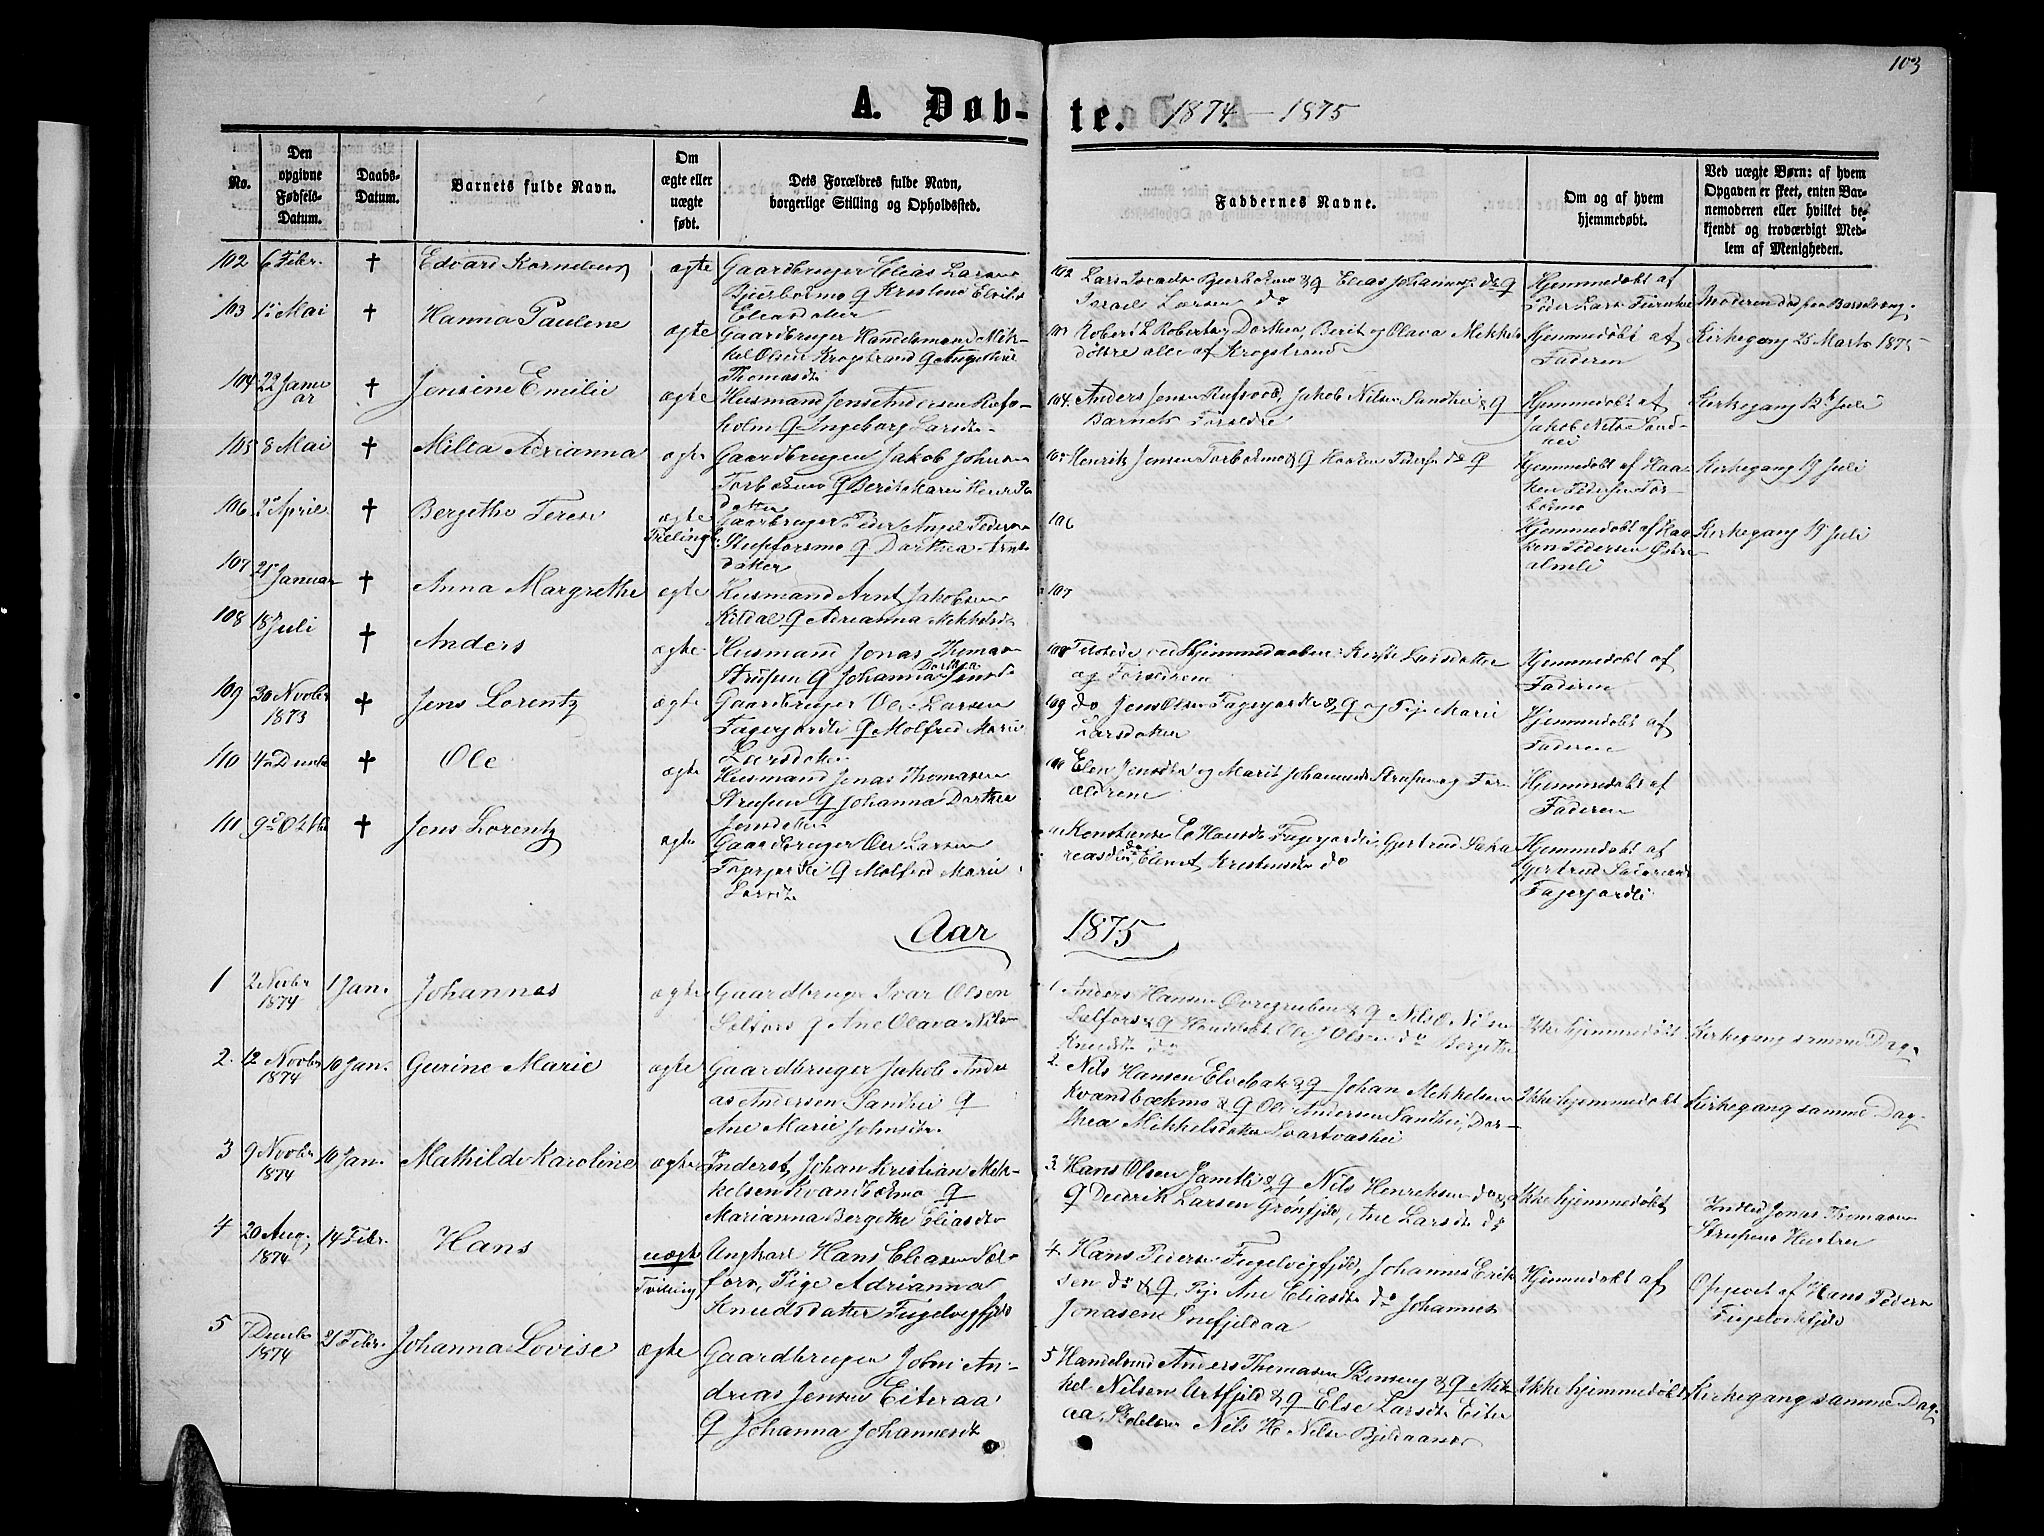 SAT, Ministerialprotokoller, klokkerbøker og fødselsregistre - Nordland, 827/L0415: Parish register (copy) no. 827C04, 1864-1886, p. 103